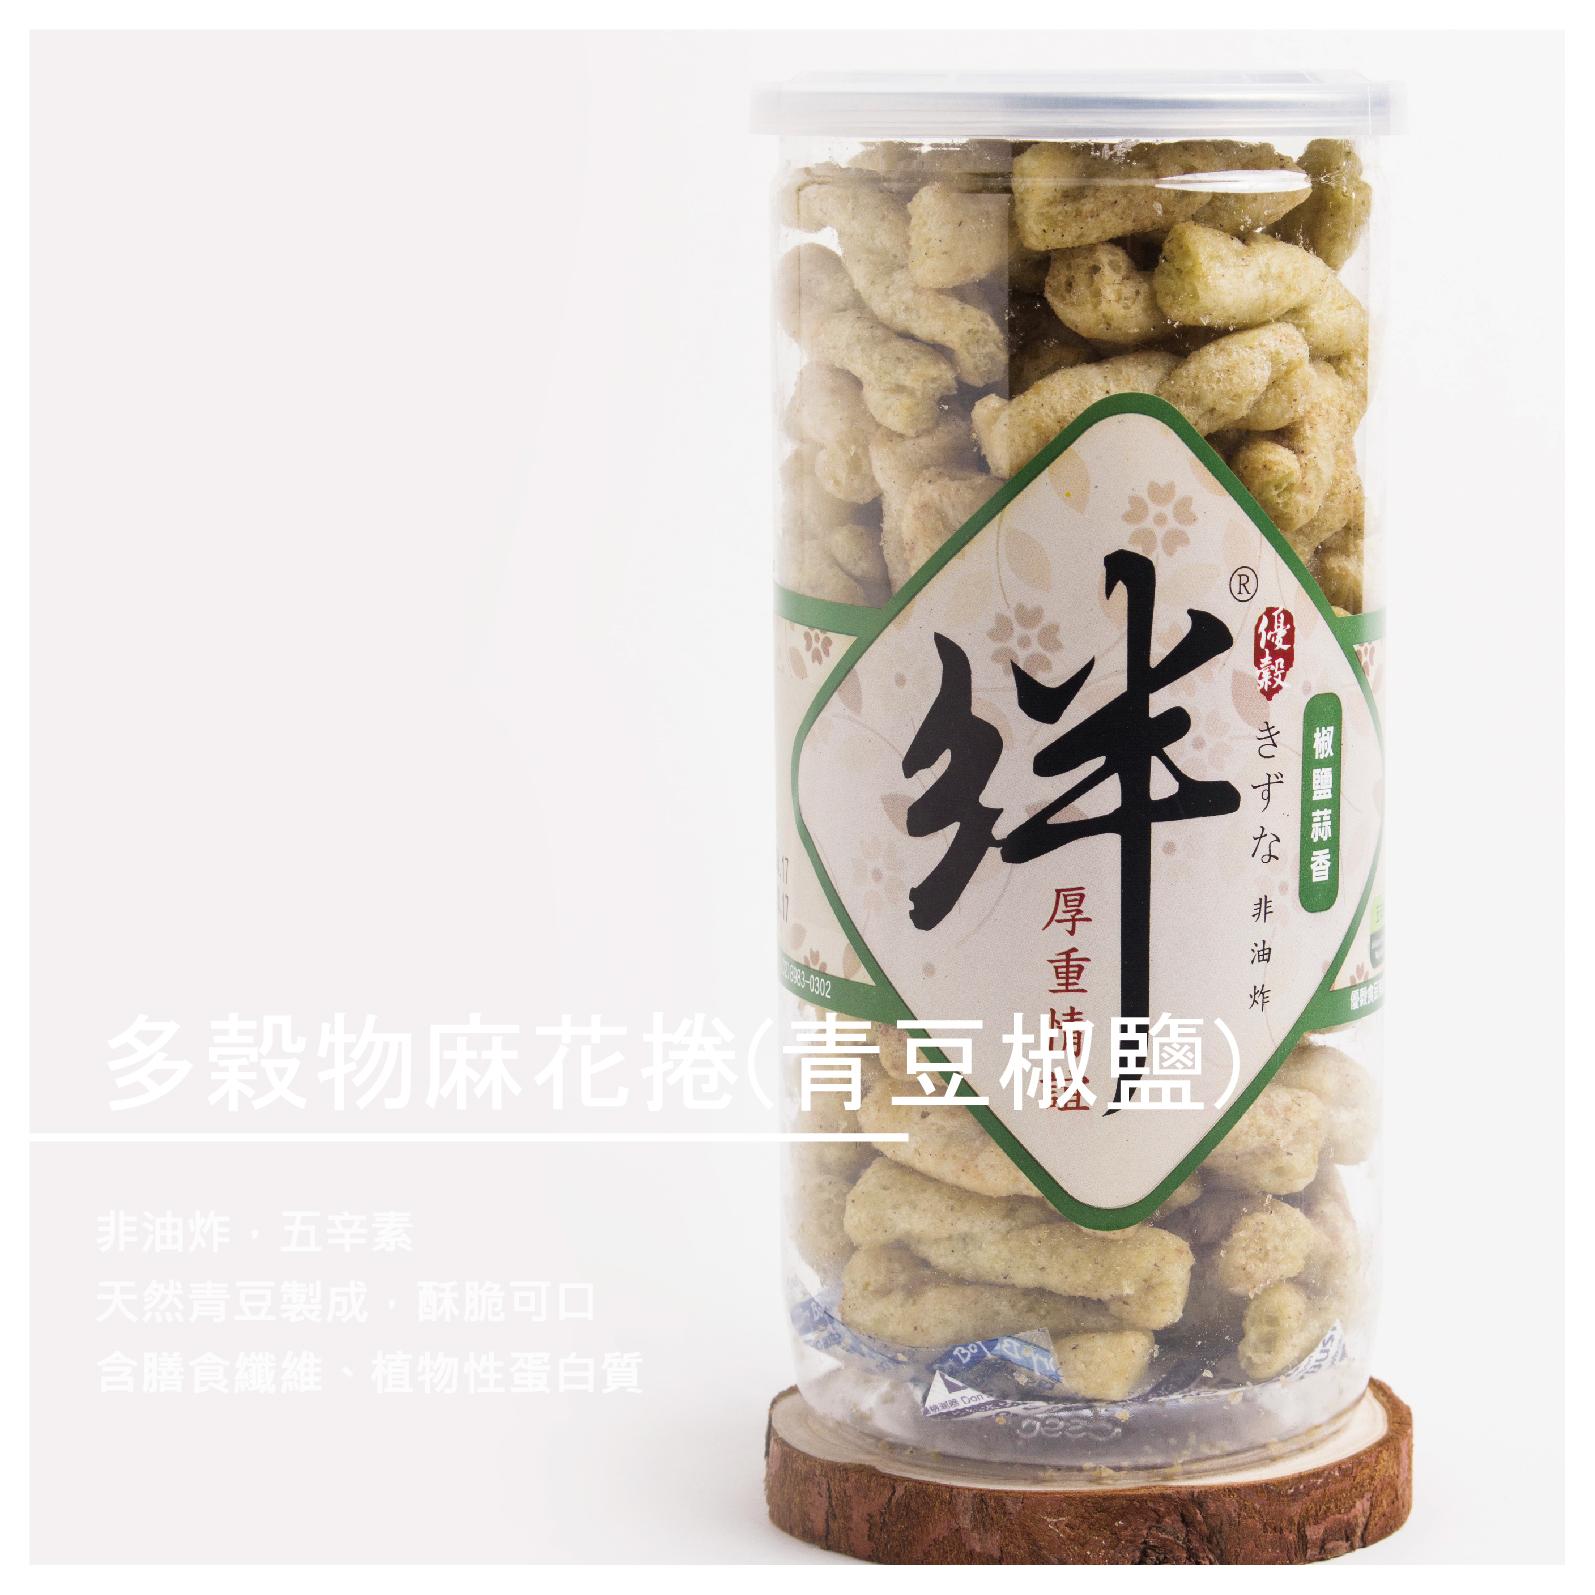 【優穀食品有限公司】多穀物麻花捲(青豆椒鹽) 120g